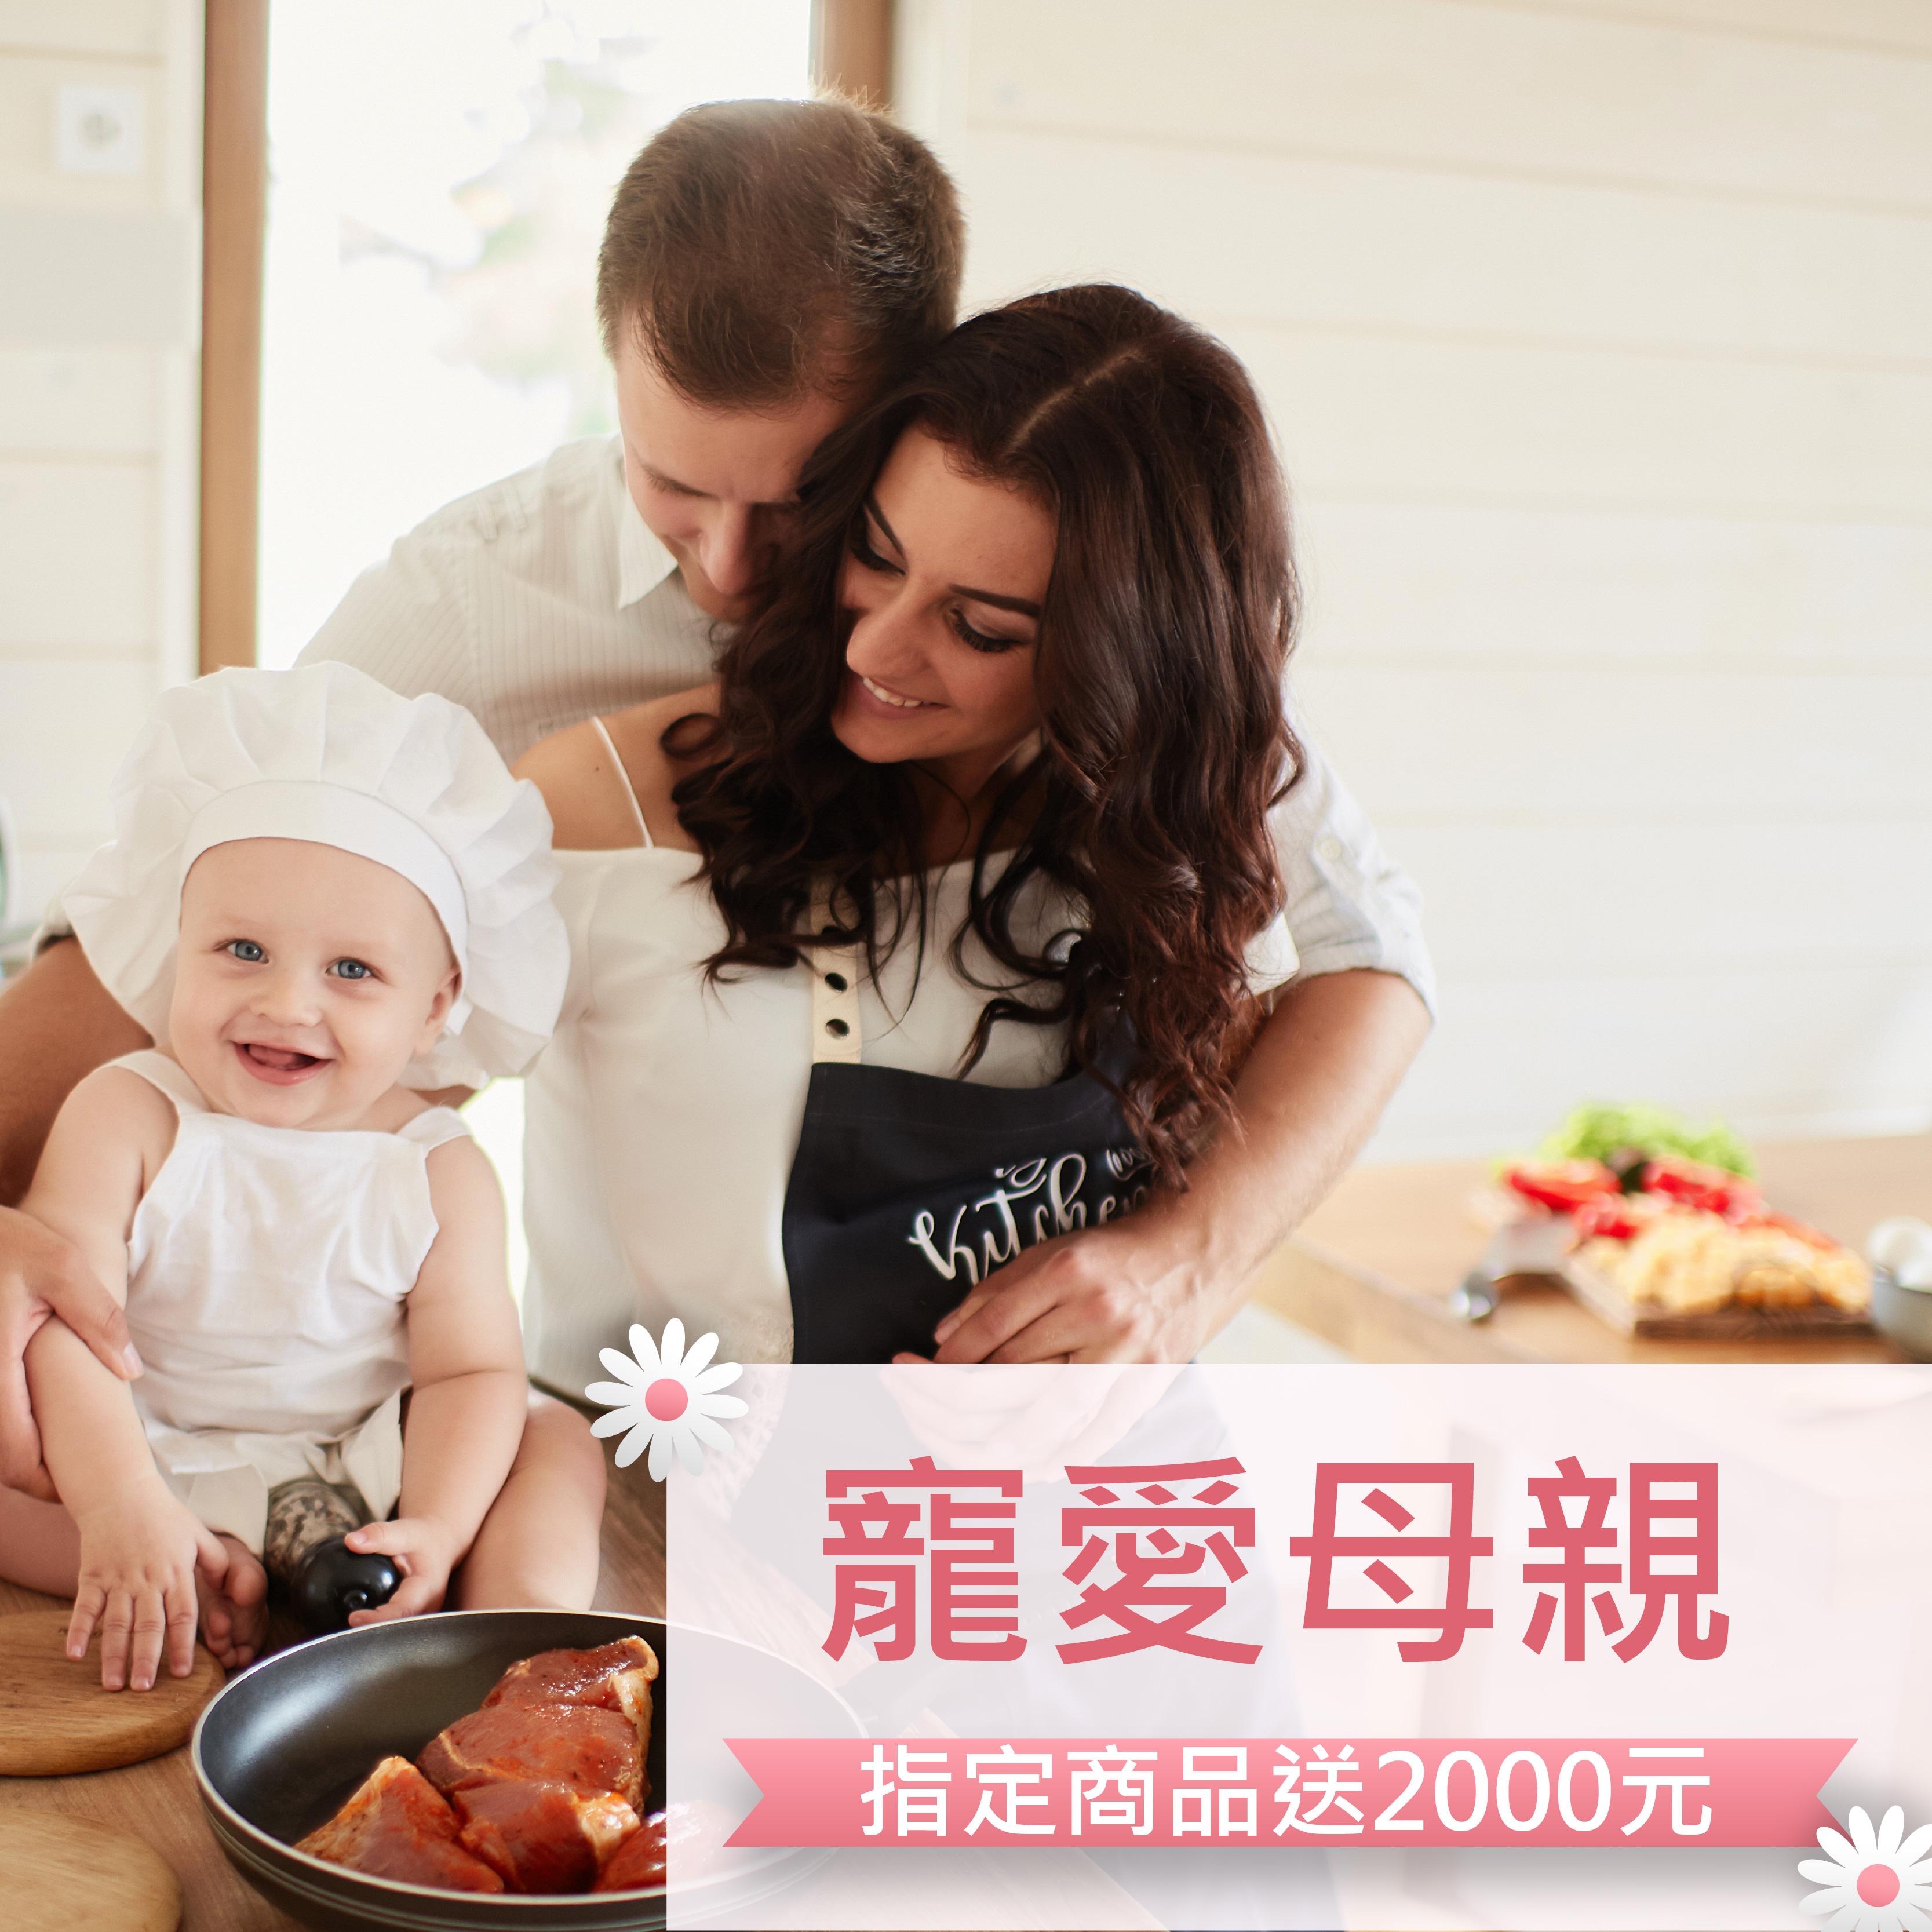 【母親節活動】寵愛媽咪趁現在 指定商品買就送2000!